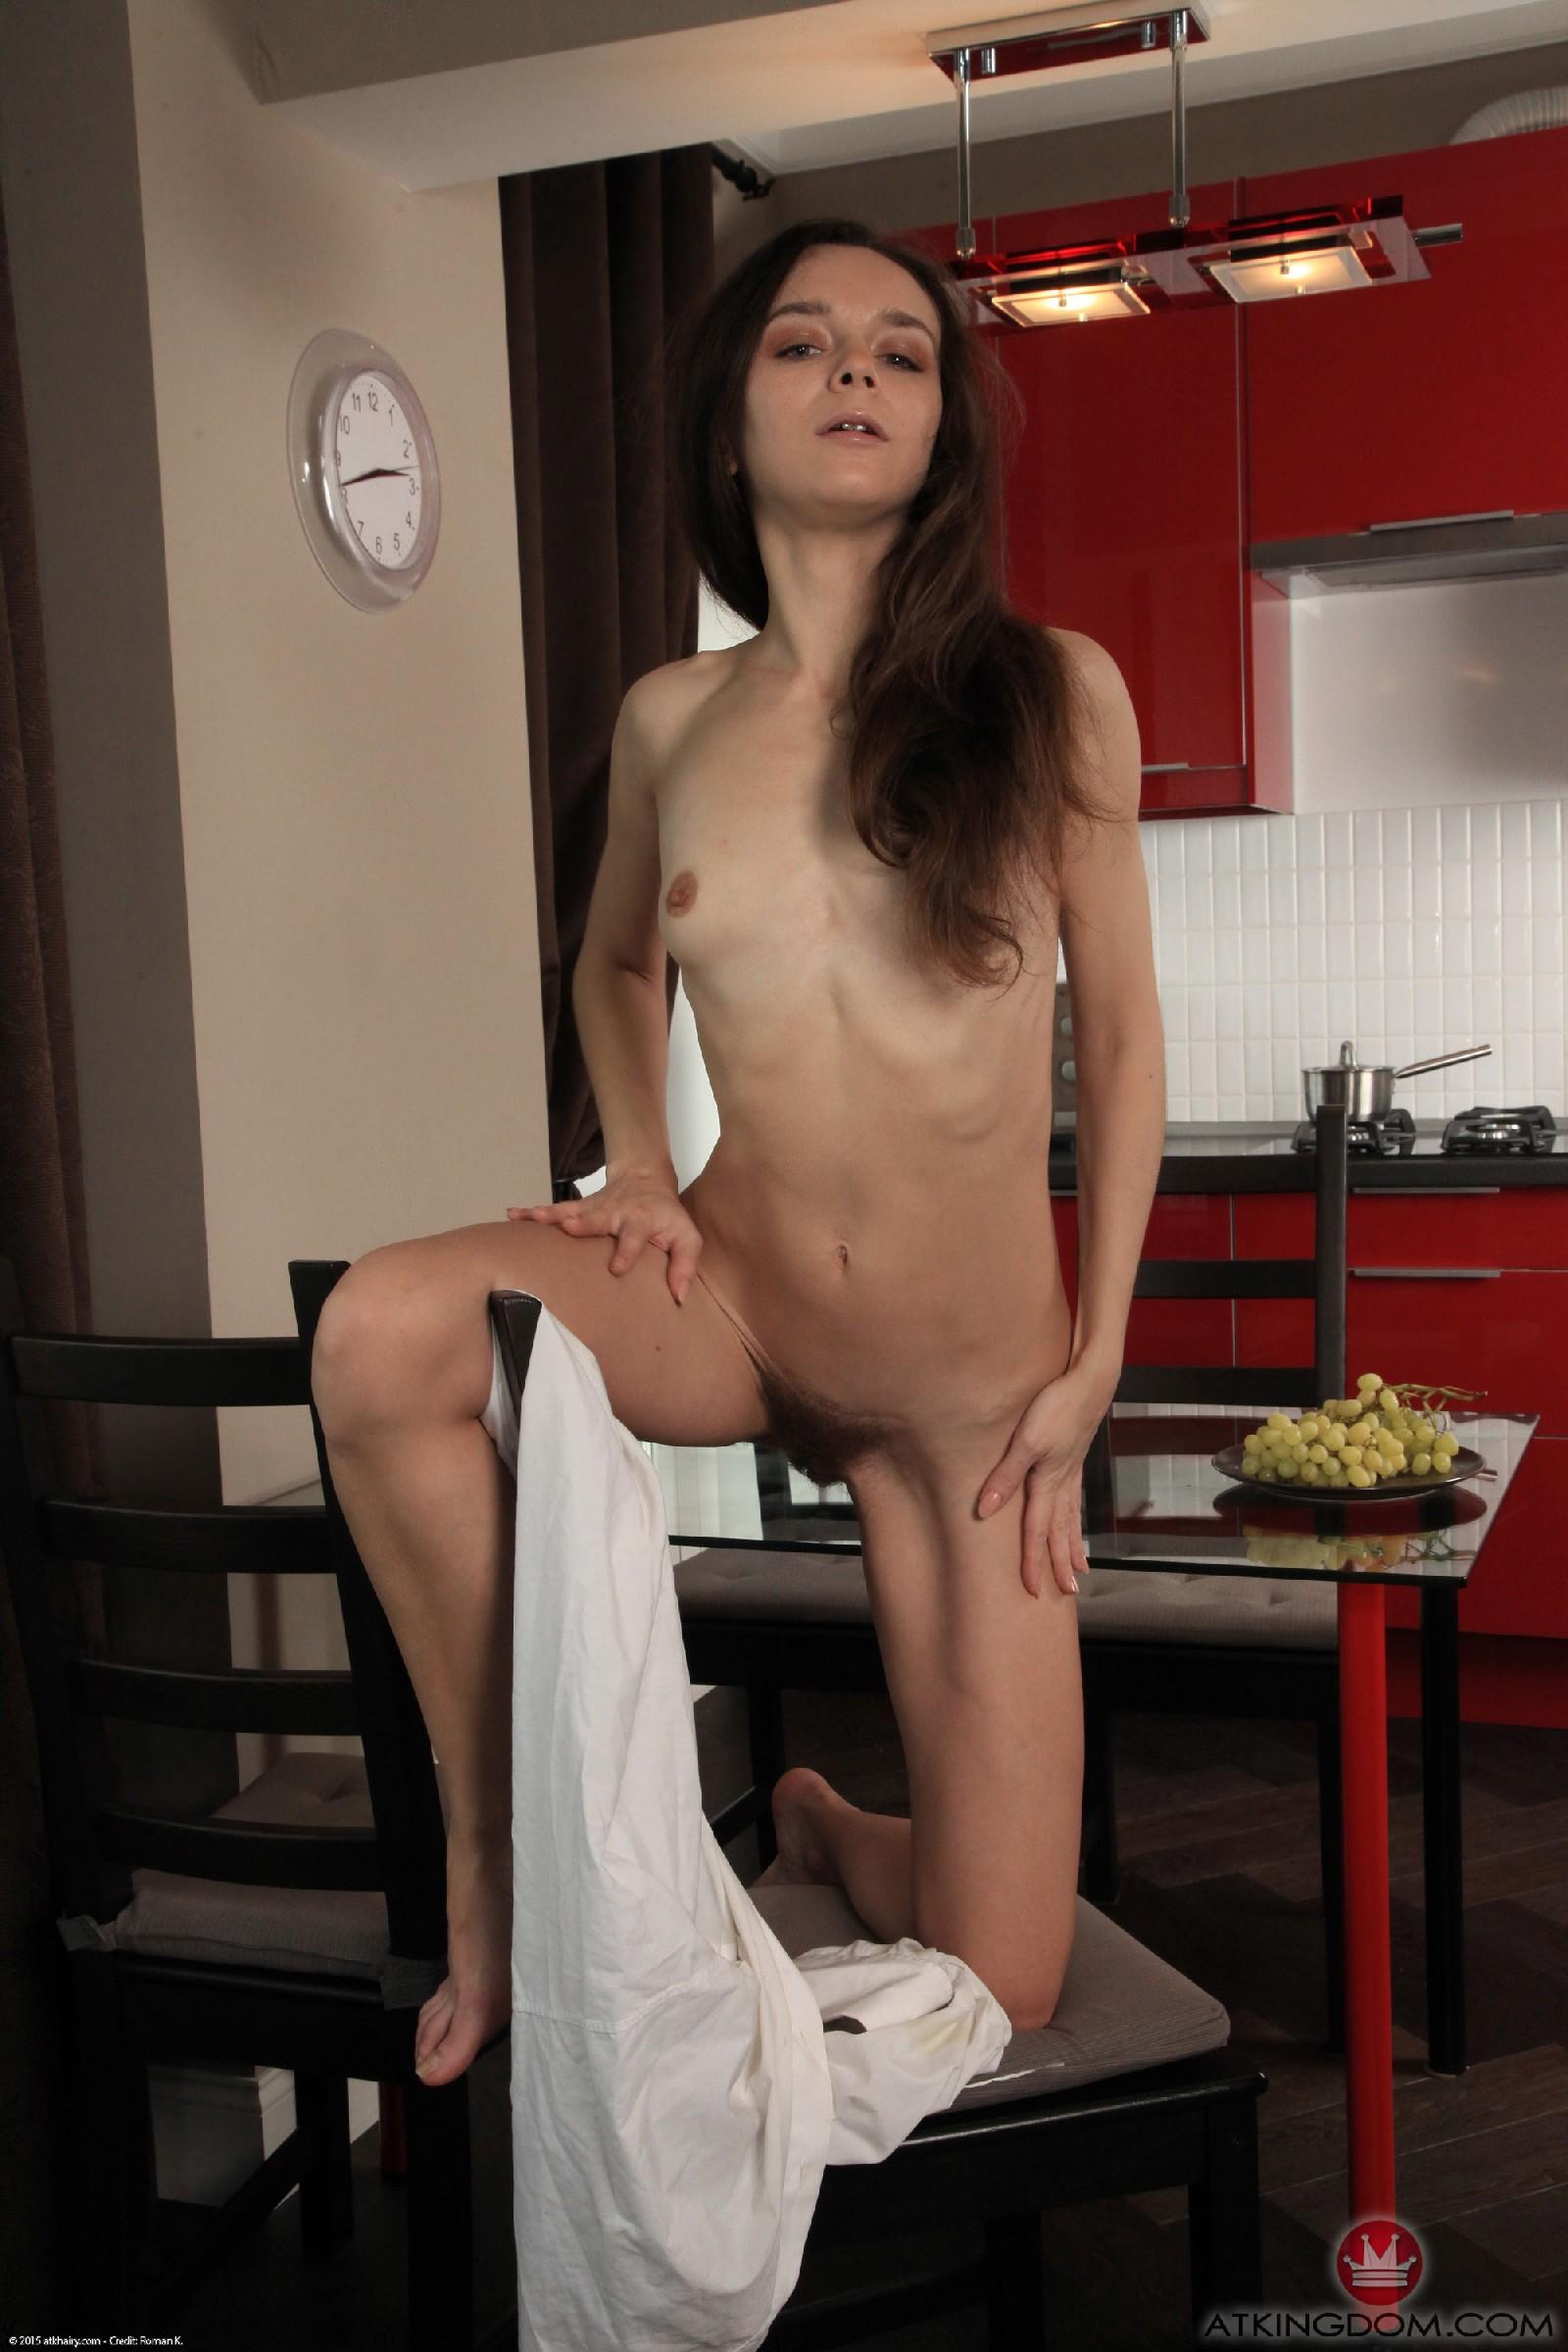 Сюзанна раздевается на кухне и показывает густую растительность у себя между ножек